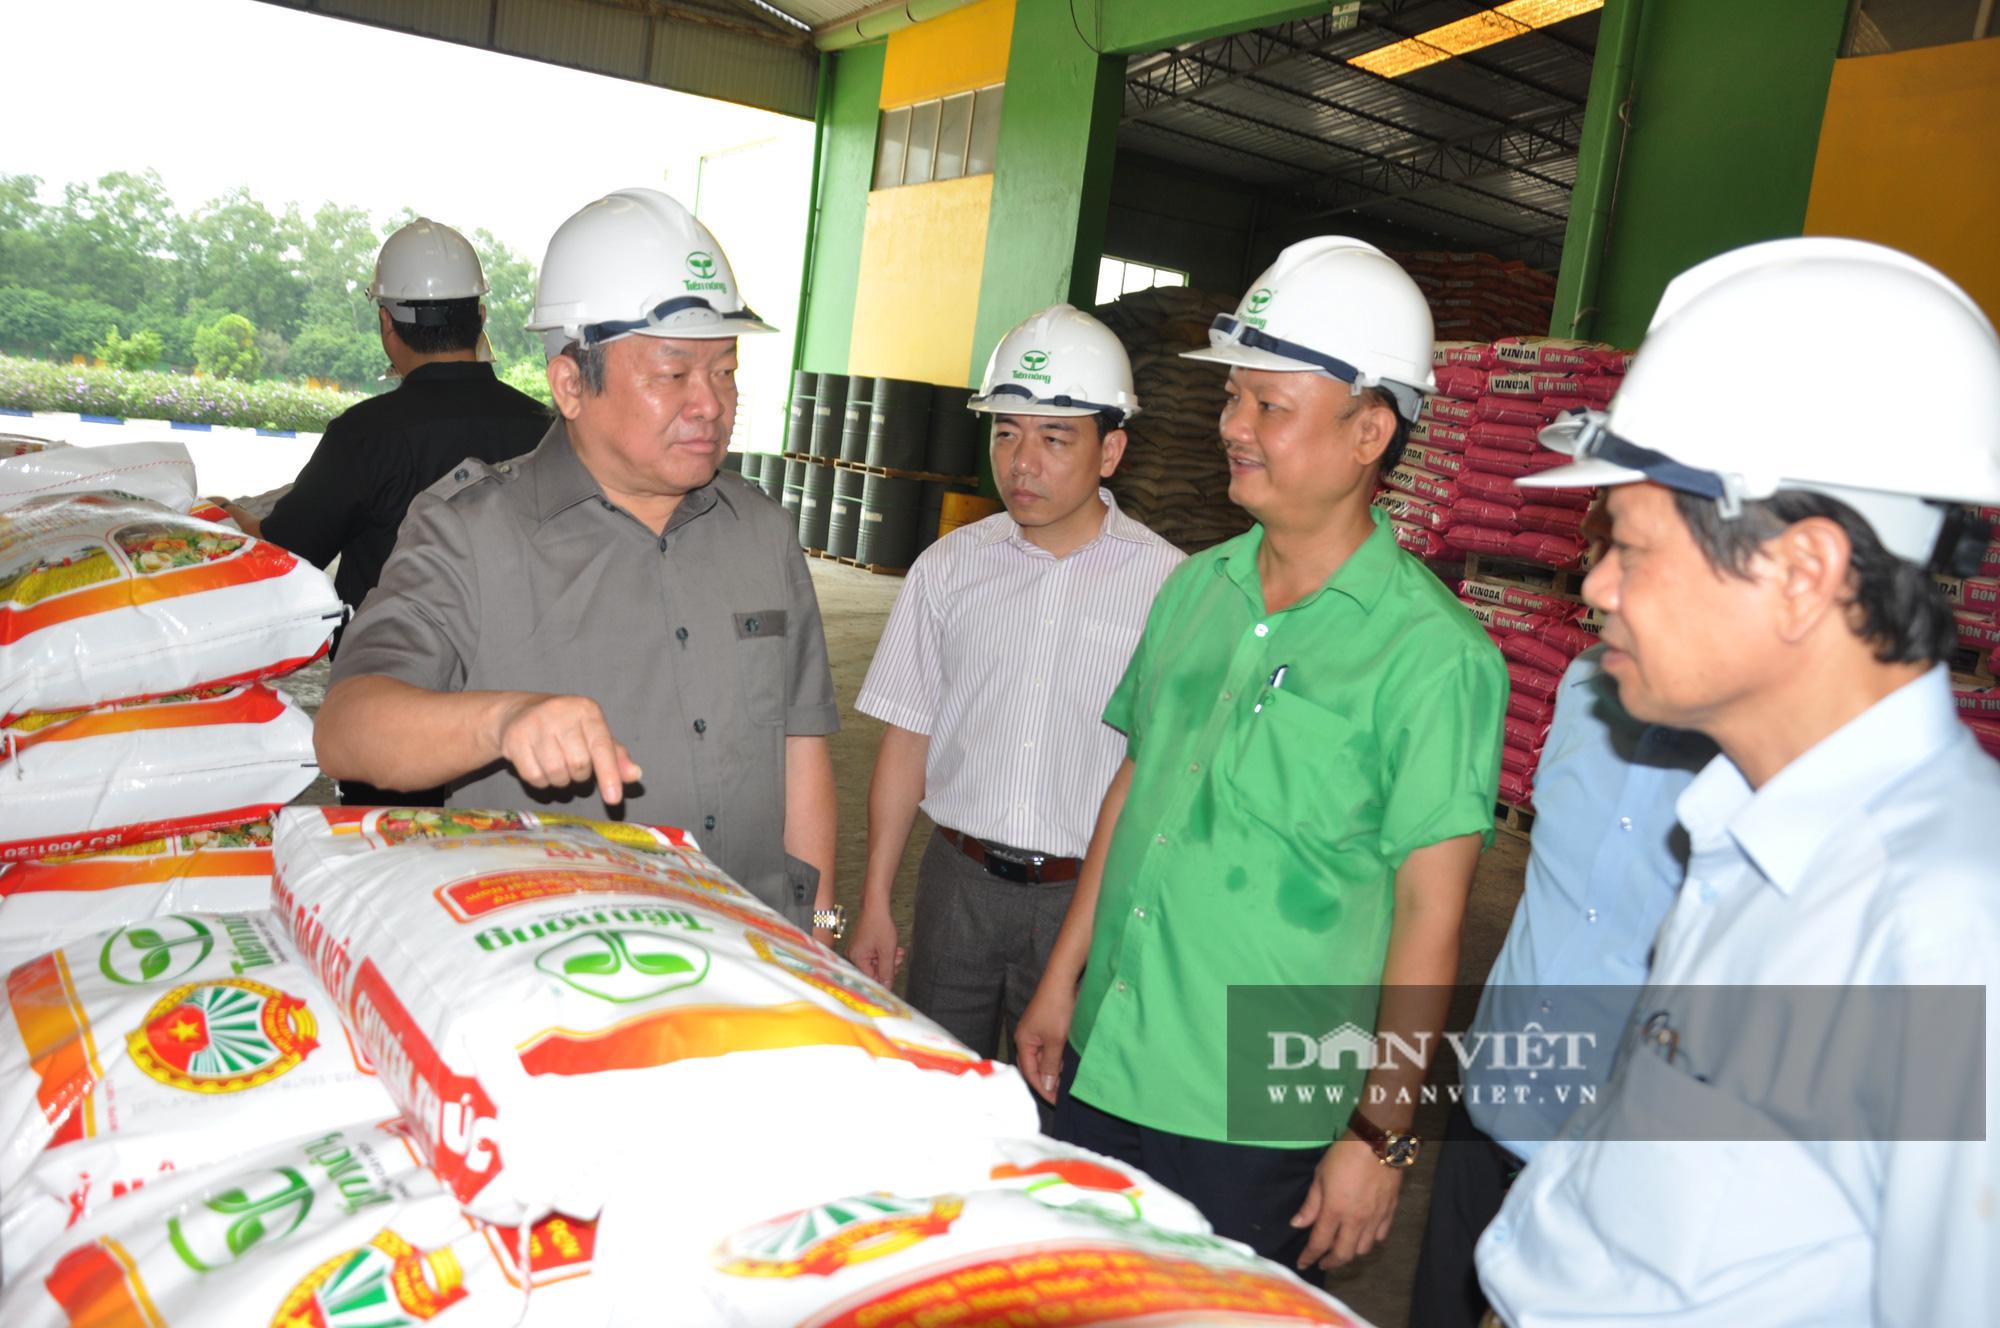 Chủ tịch Hội NDVN Thào Xuân Sùng: Nông dân thiệt đơn thiệt kép vì phân bón không được khấu trừ thuế GTGT - Ảnh 3.